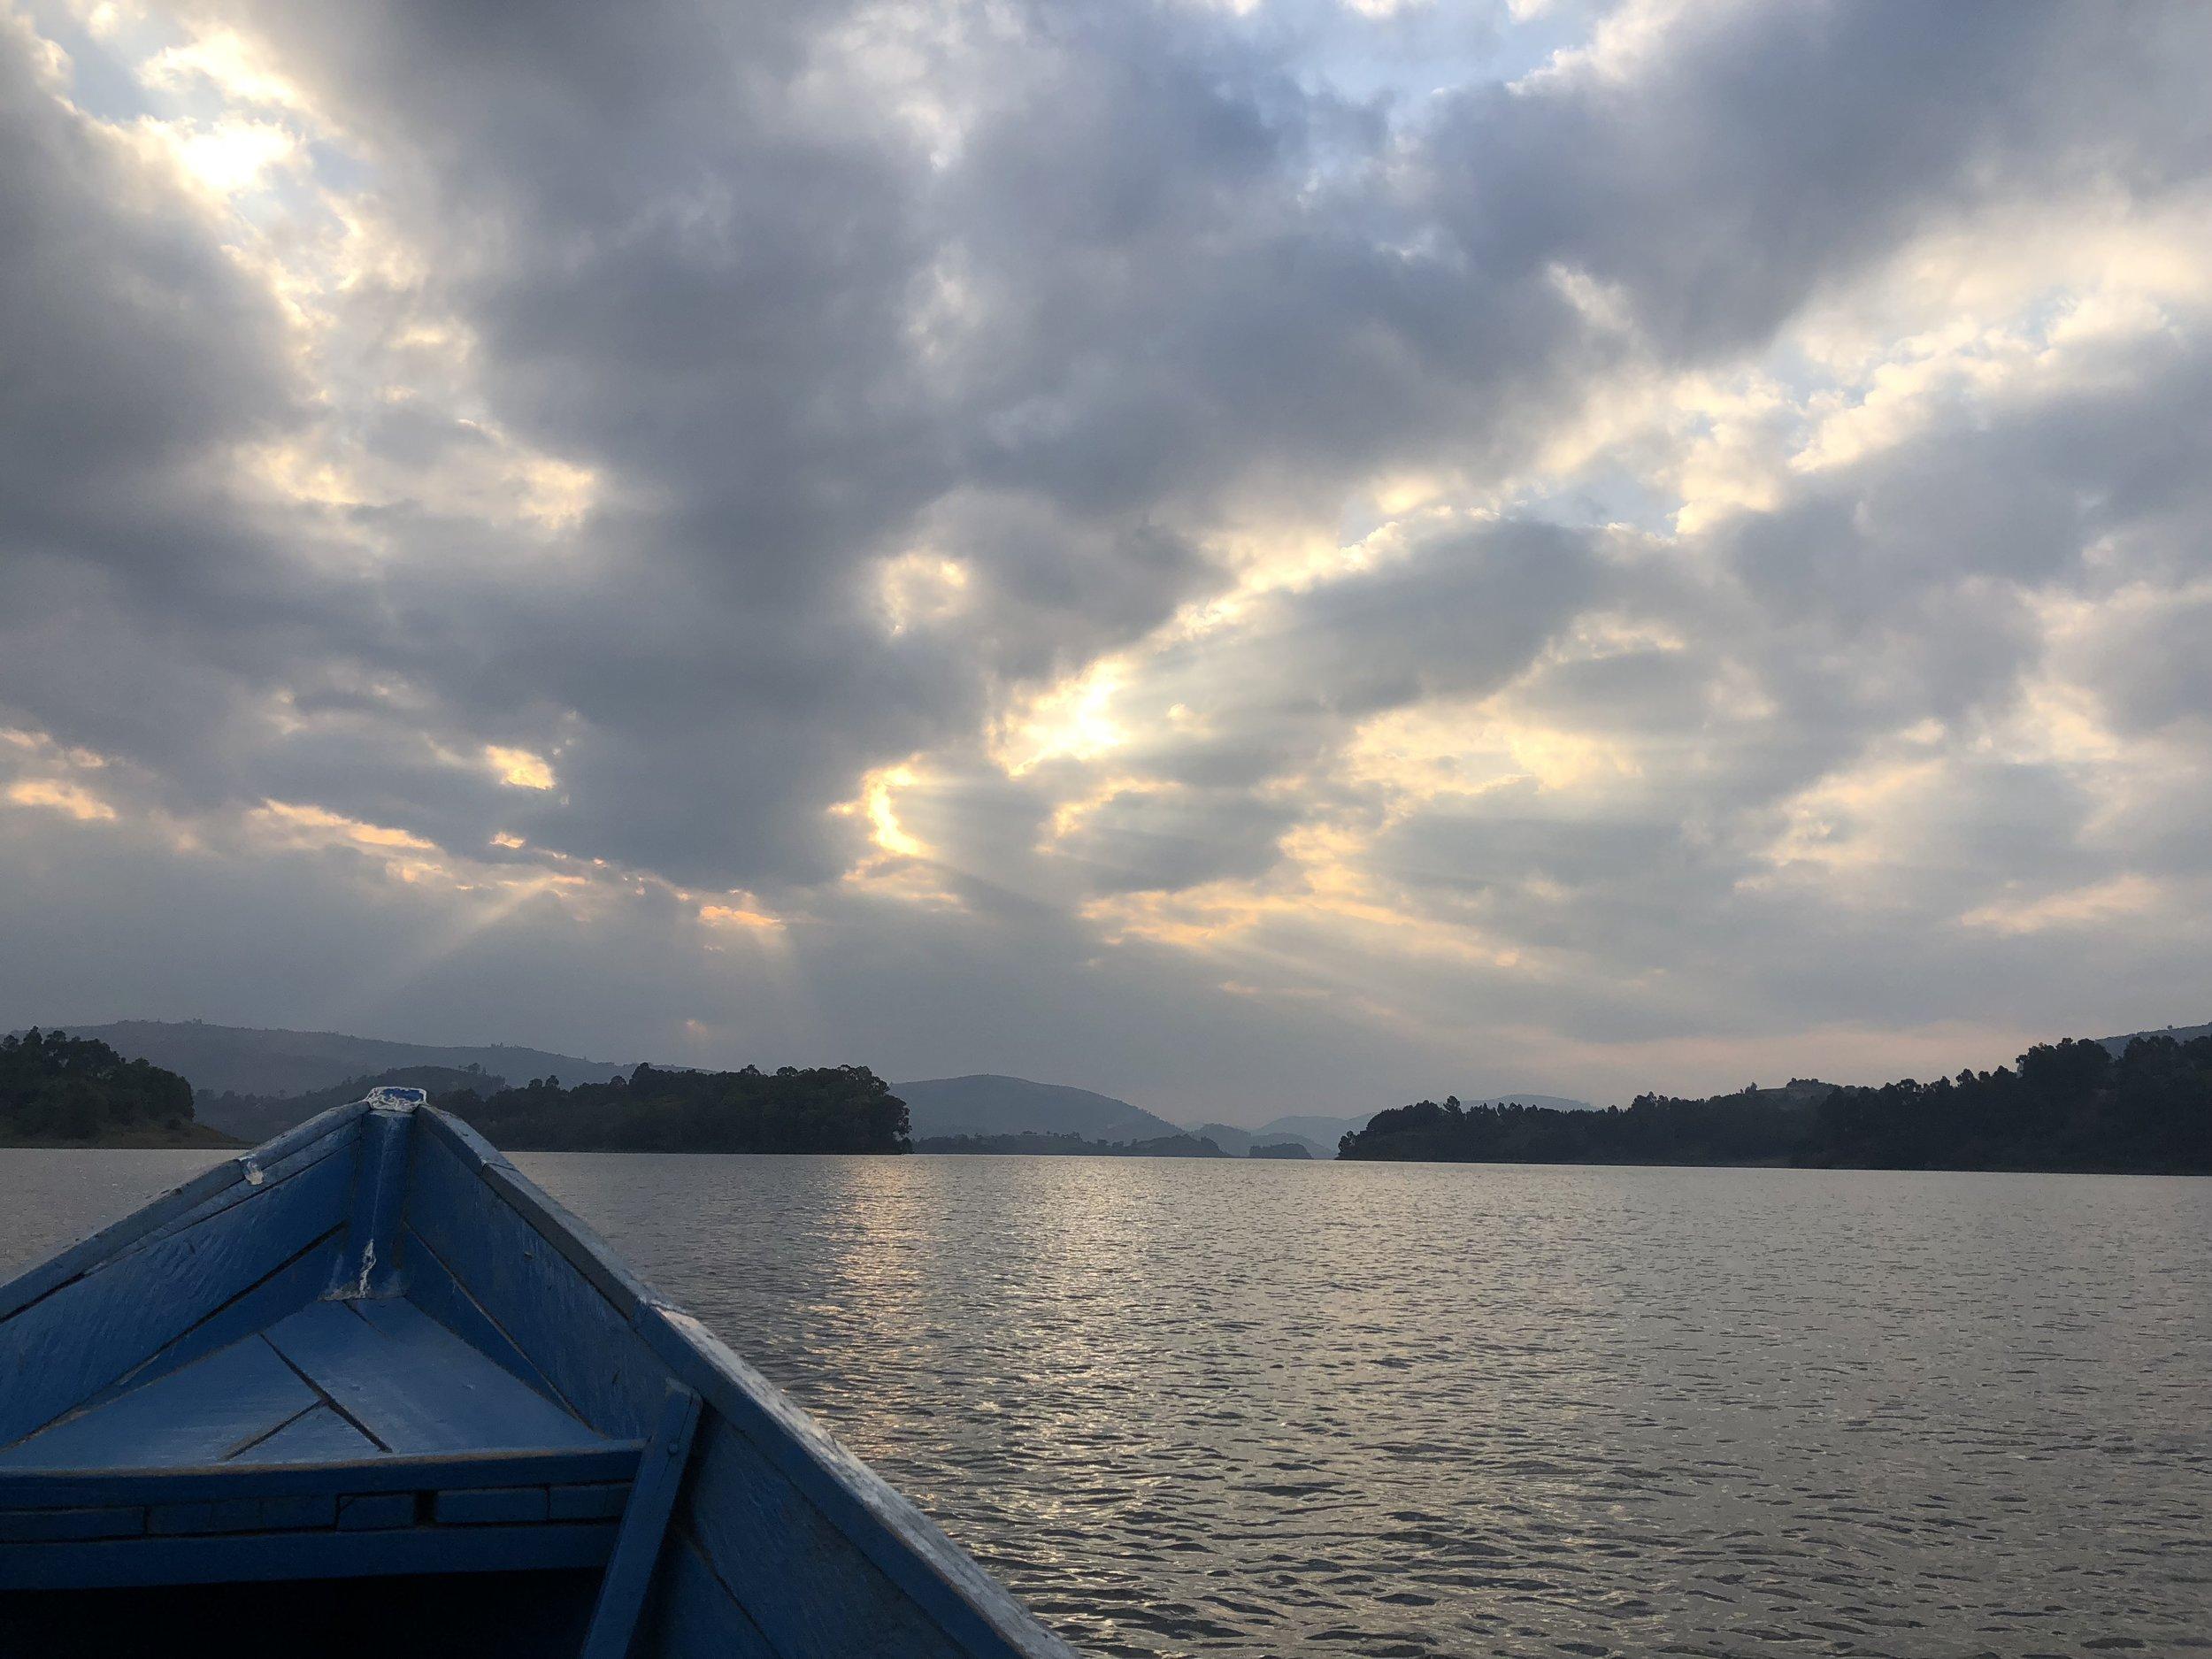 LakeBCanoe.jpg